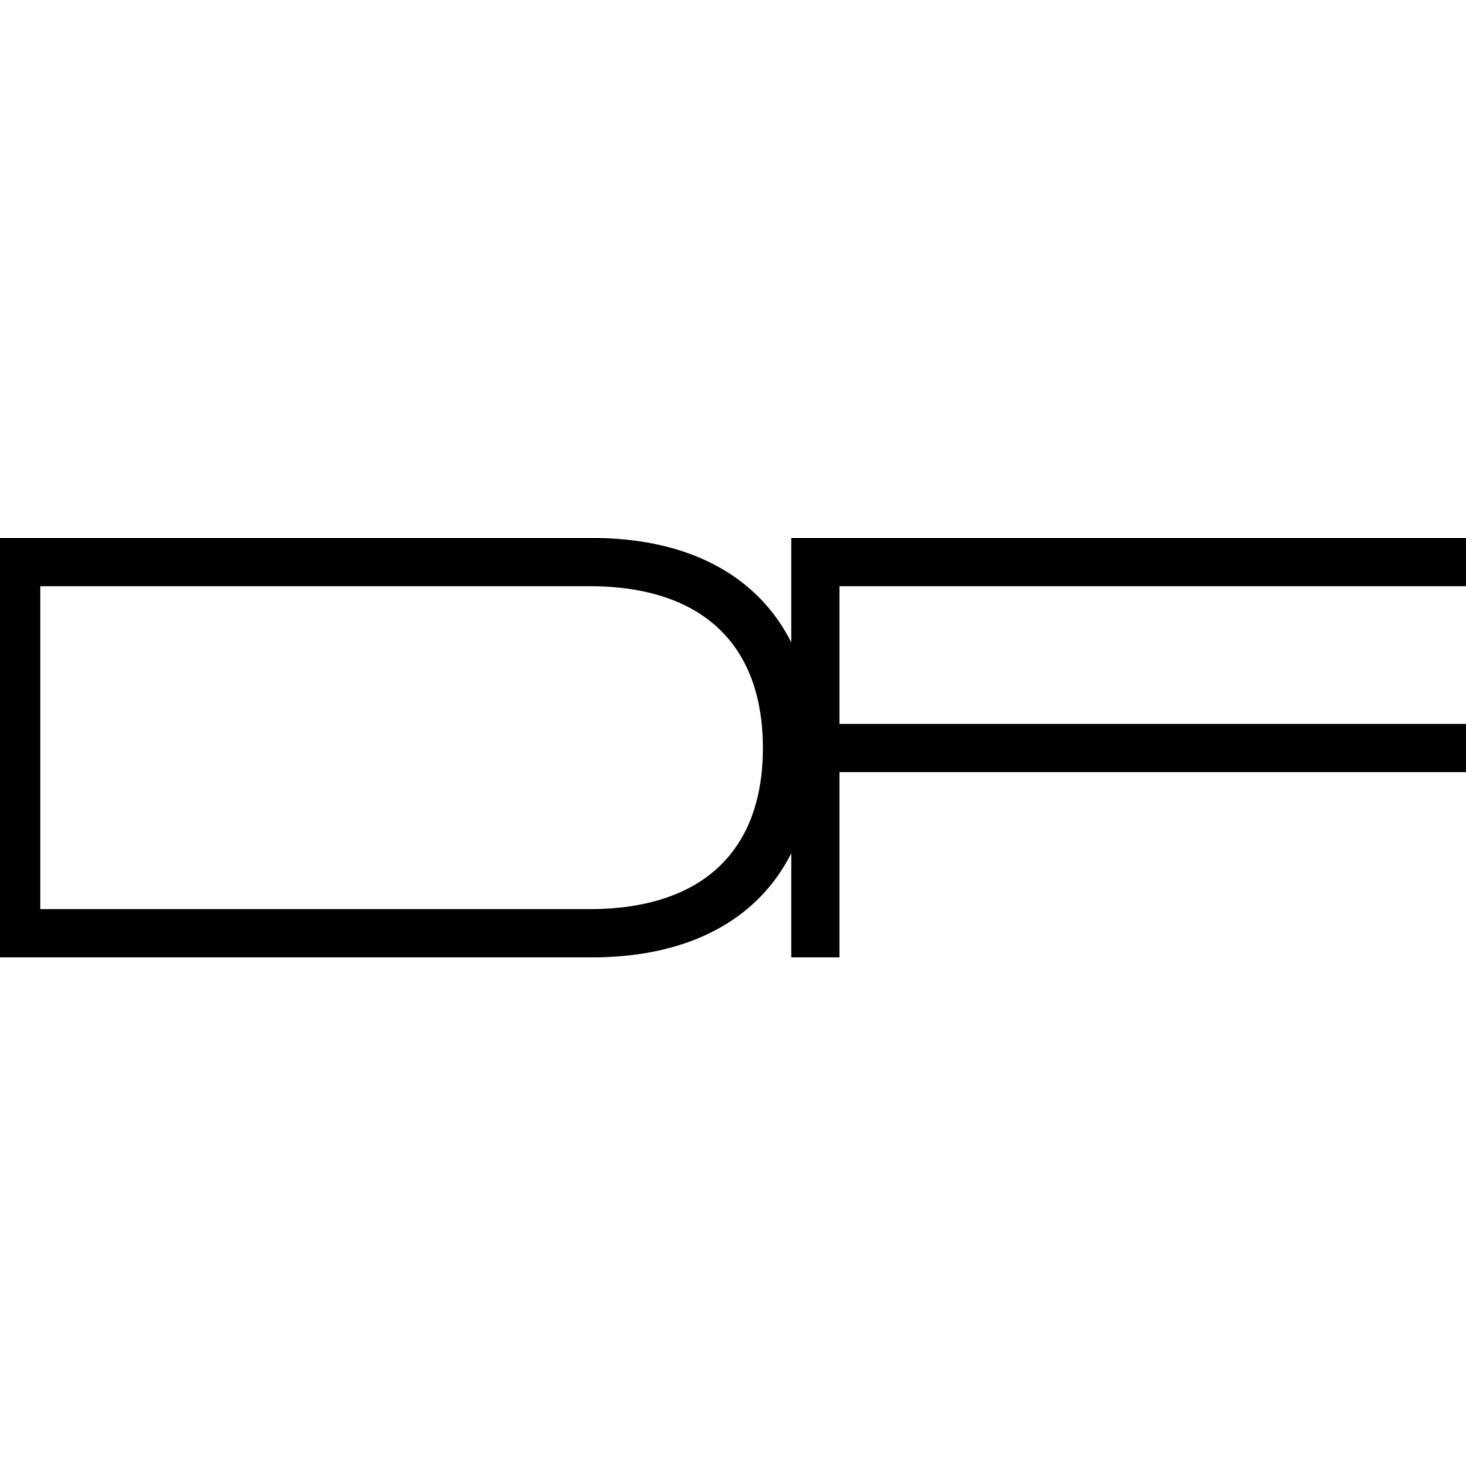 David G. Flatt, Ltd.